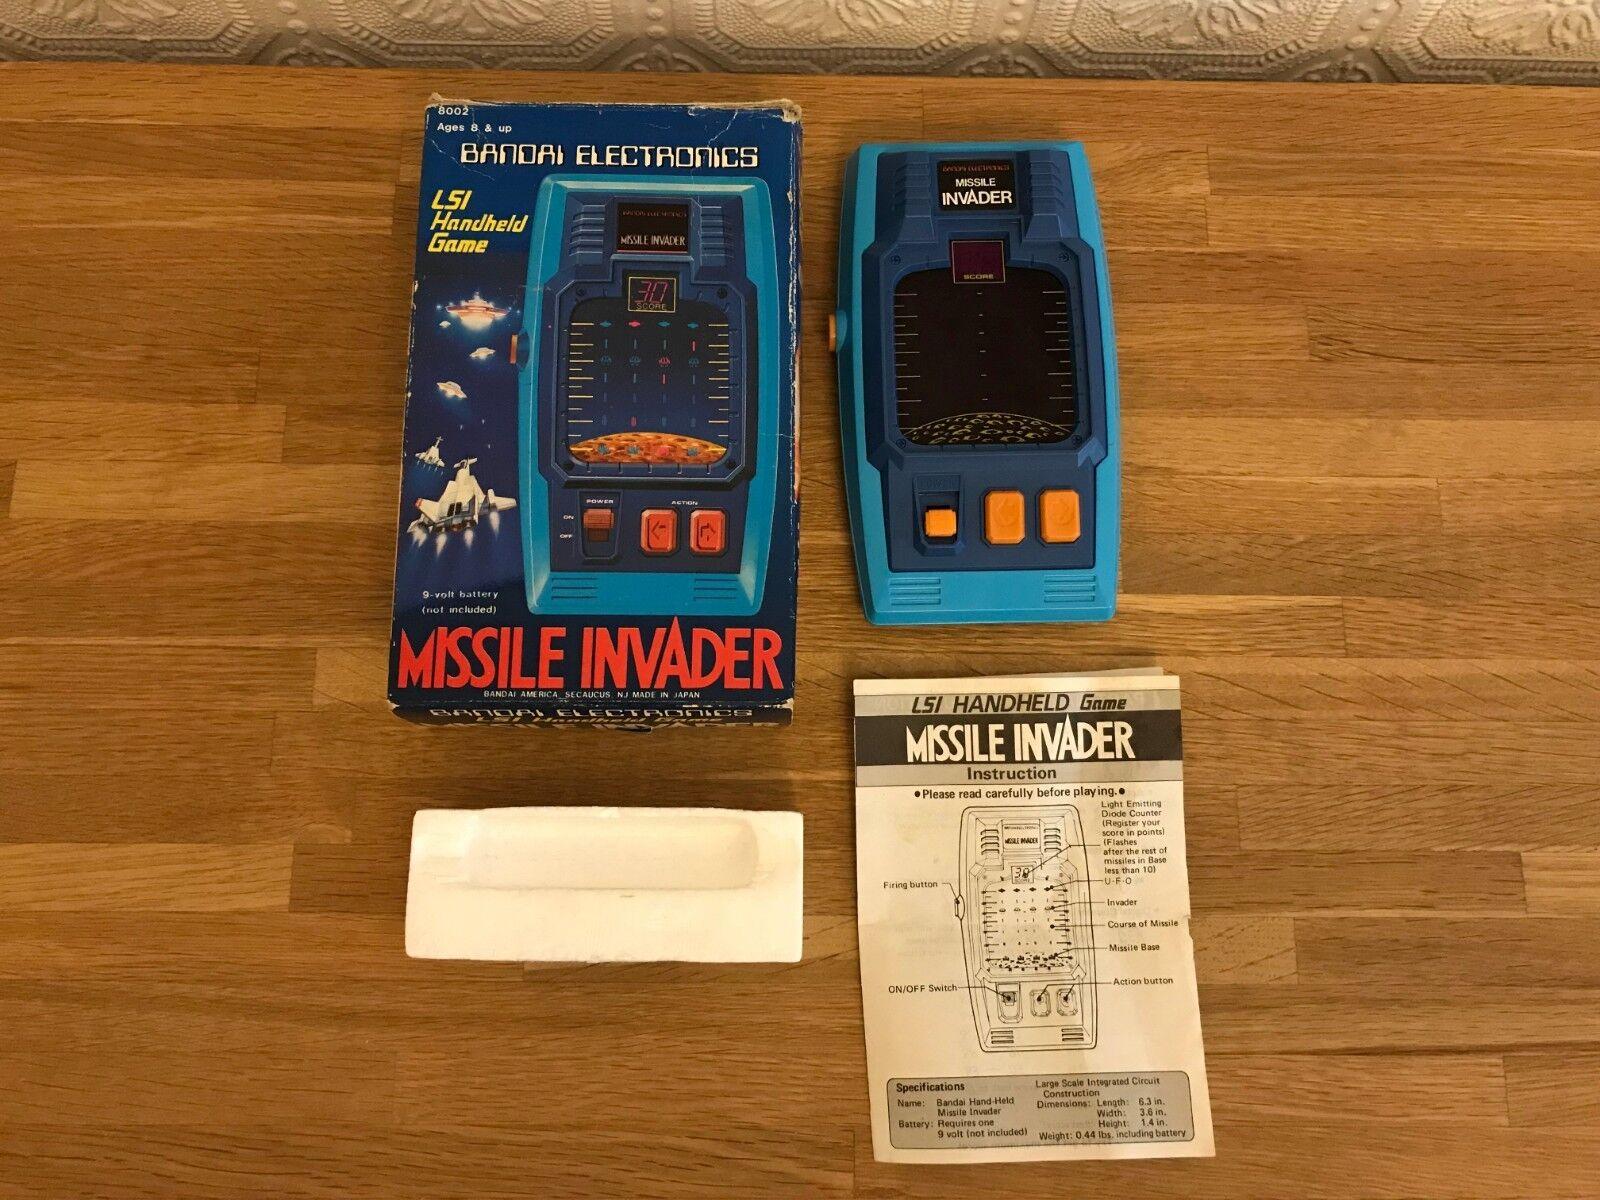 Super Boxed Bandai Missile Invader Vintage 1980 Handheld LSI LED Electronic Game